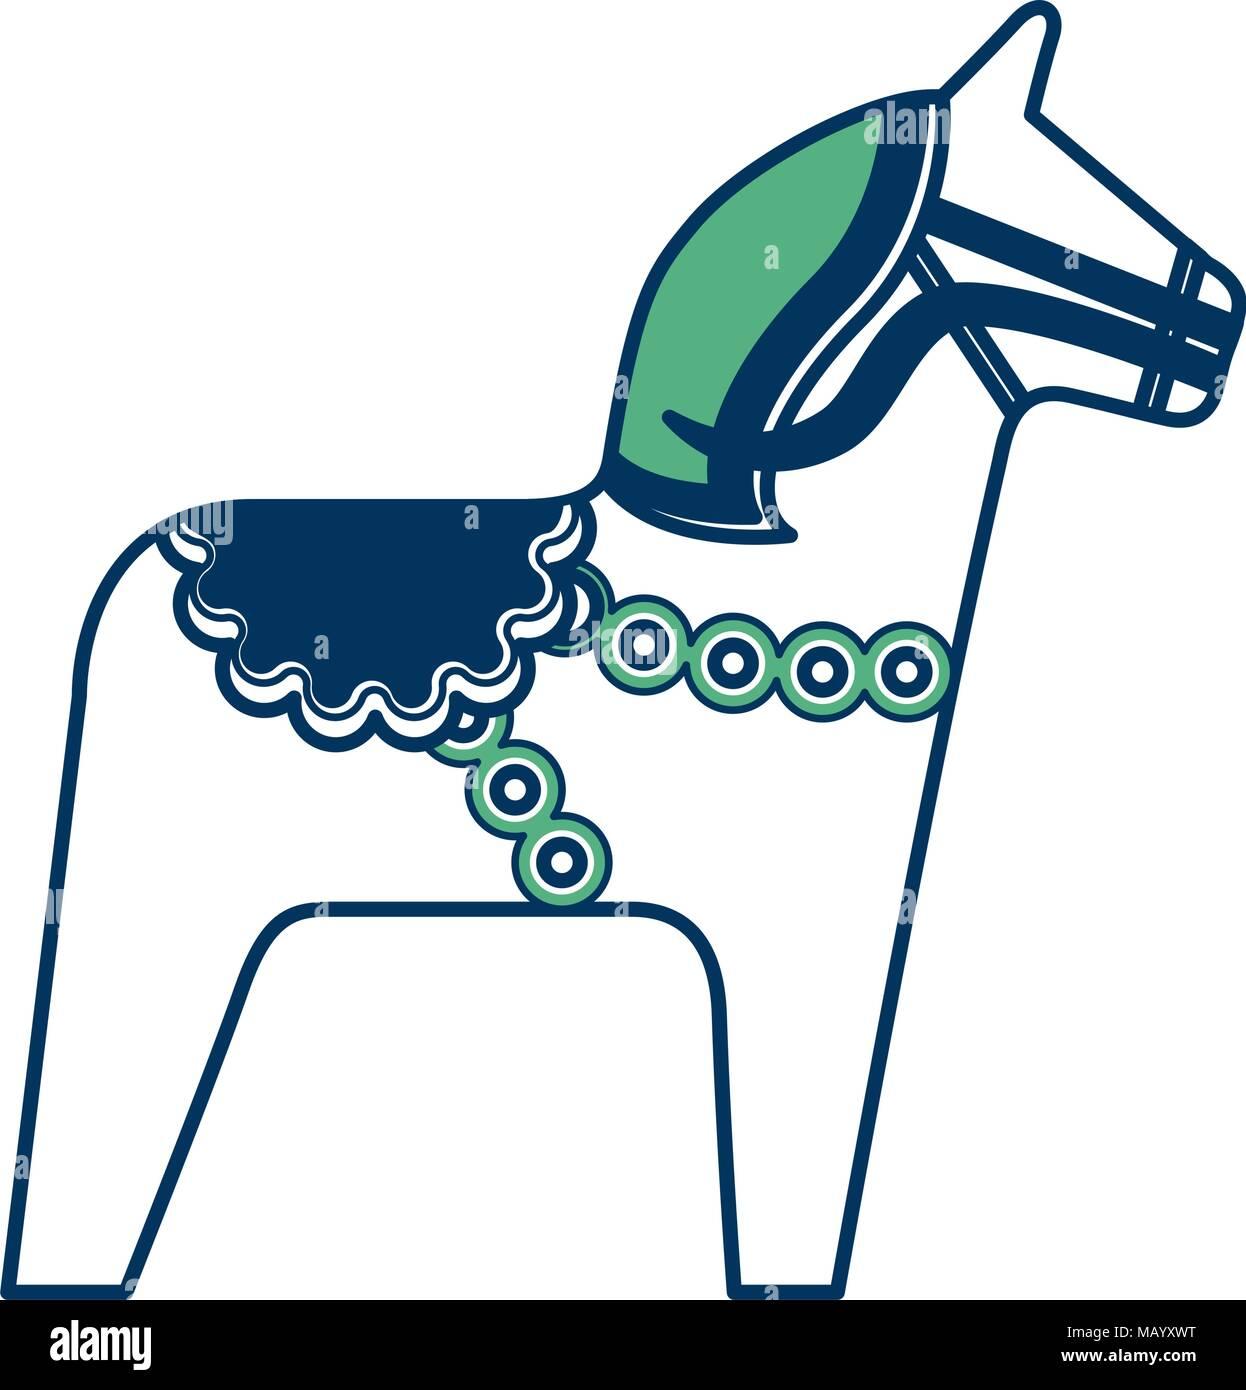 Cavallo Di Legno Giocattolo.Cavallo Di Legno Tradizionale Giocattolo Nazionale Simbolo Della